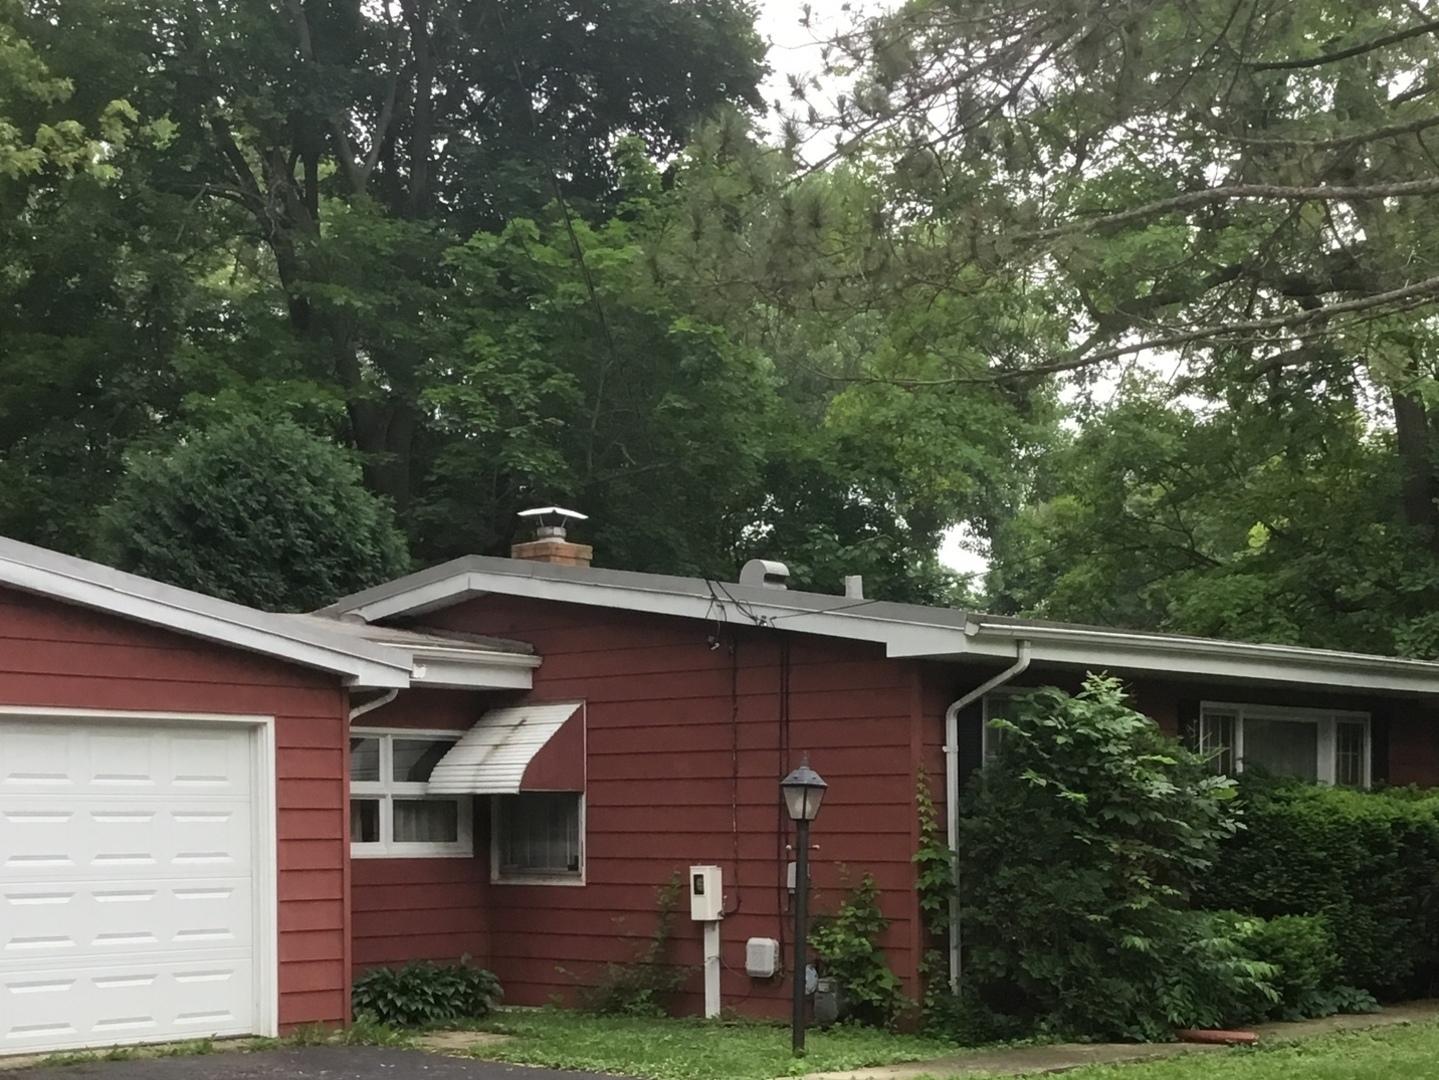 205 Moore, ST. CHARLES, Illinois, 60175